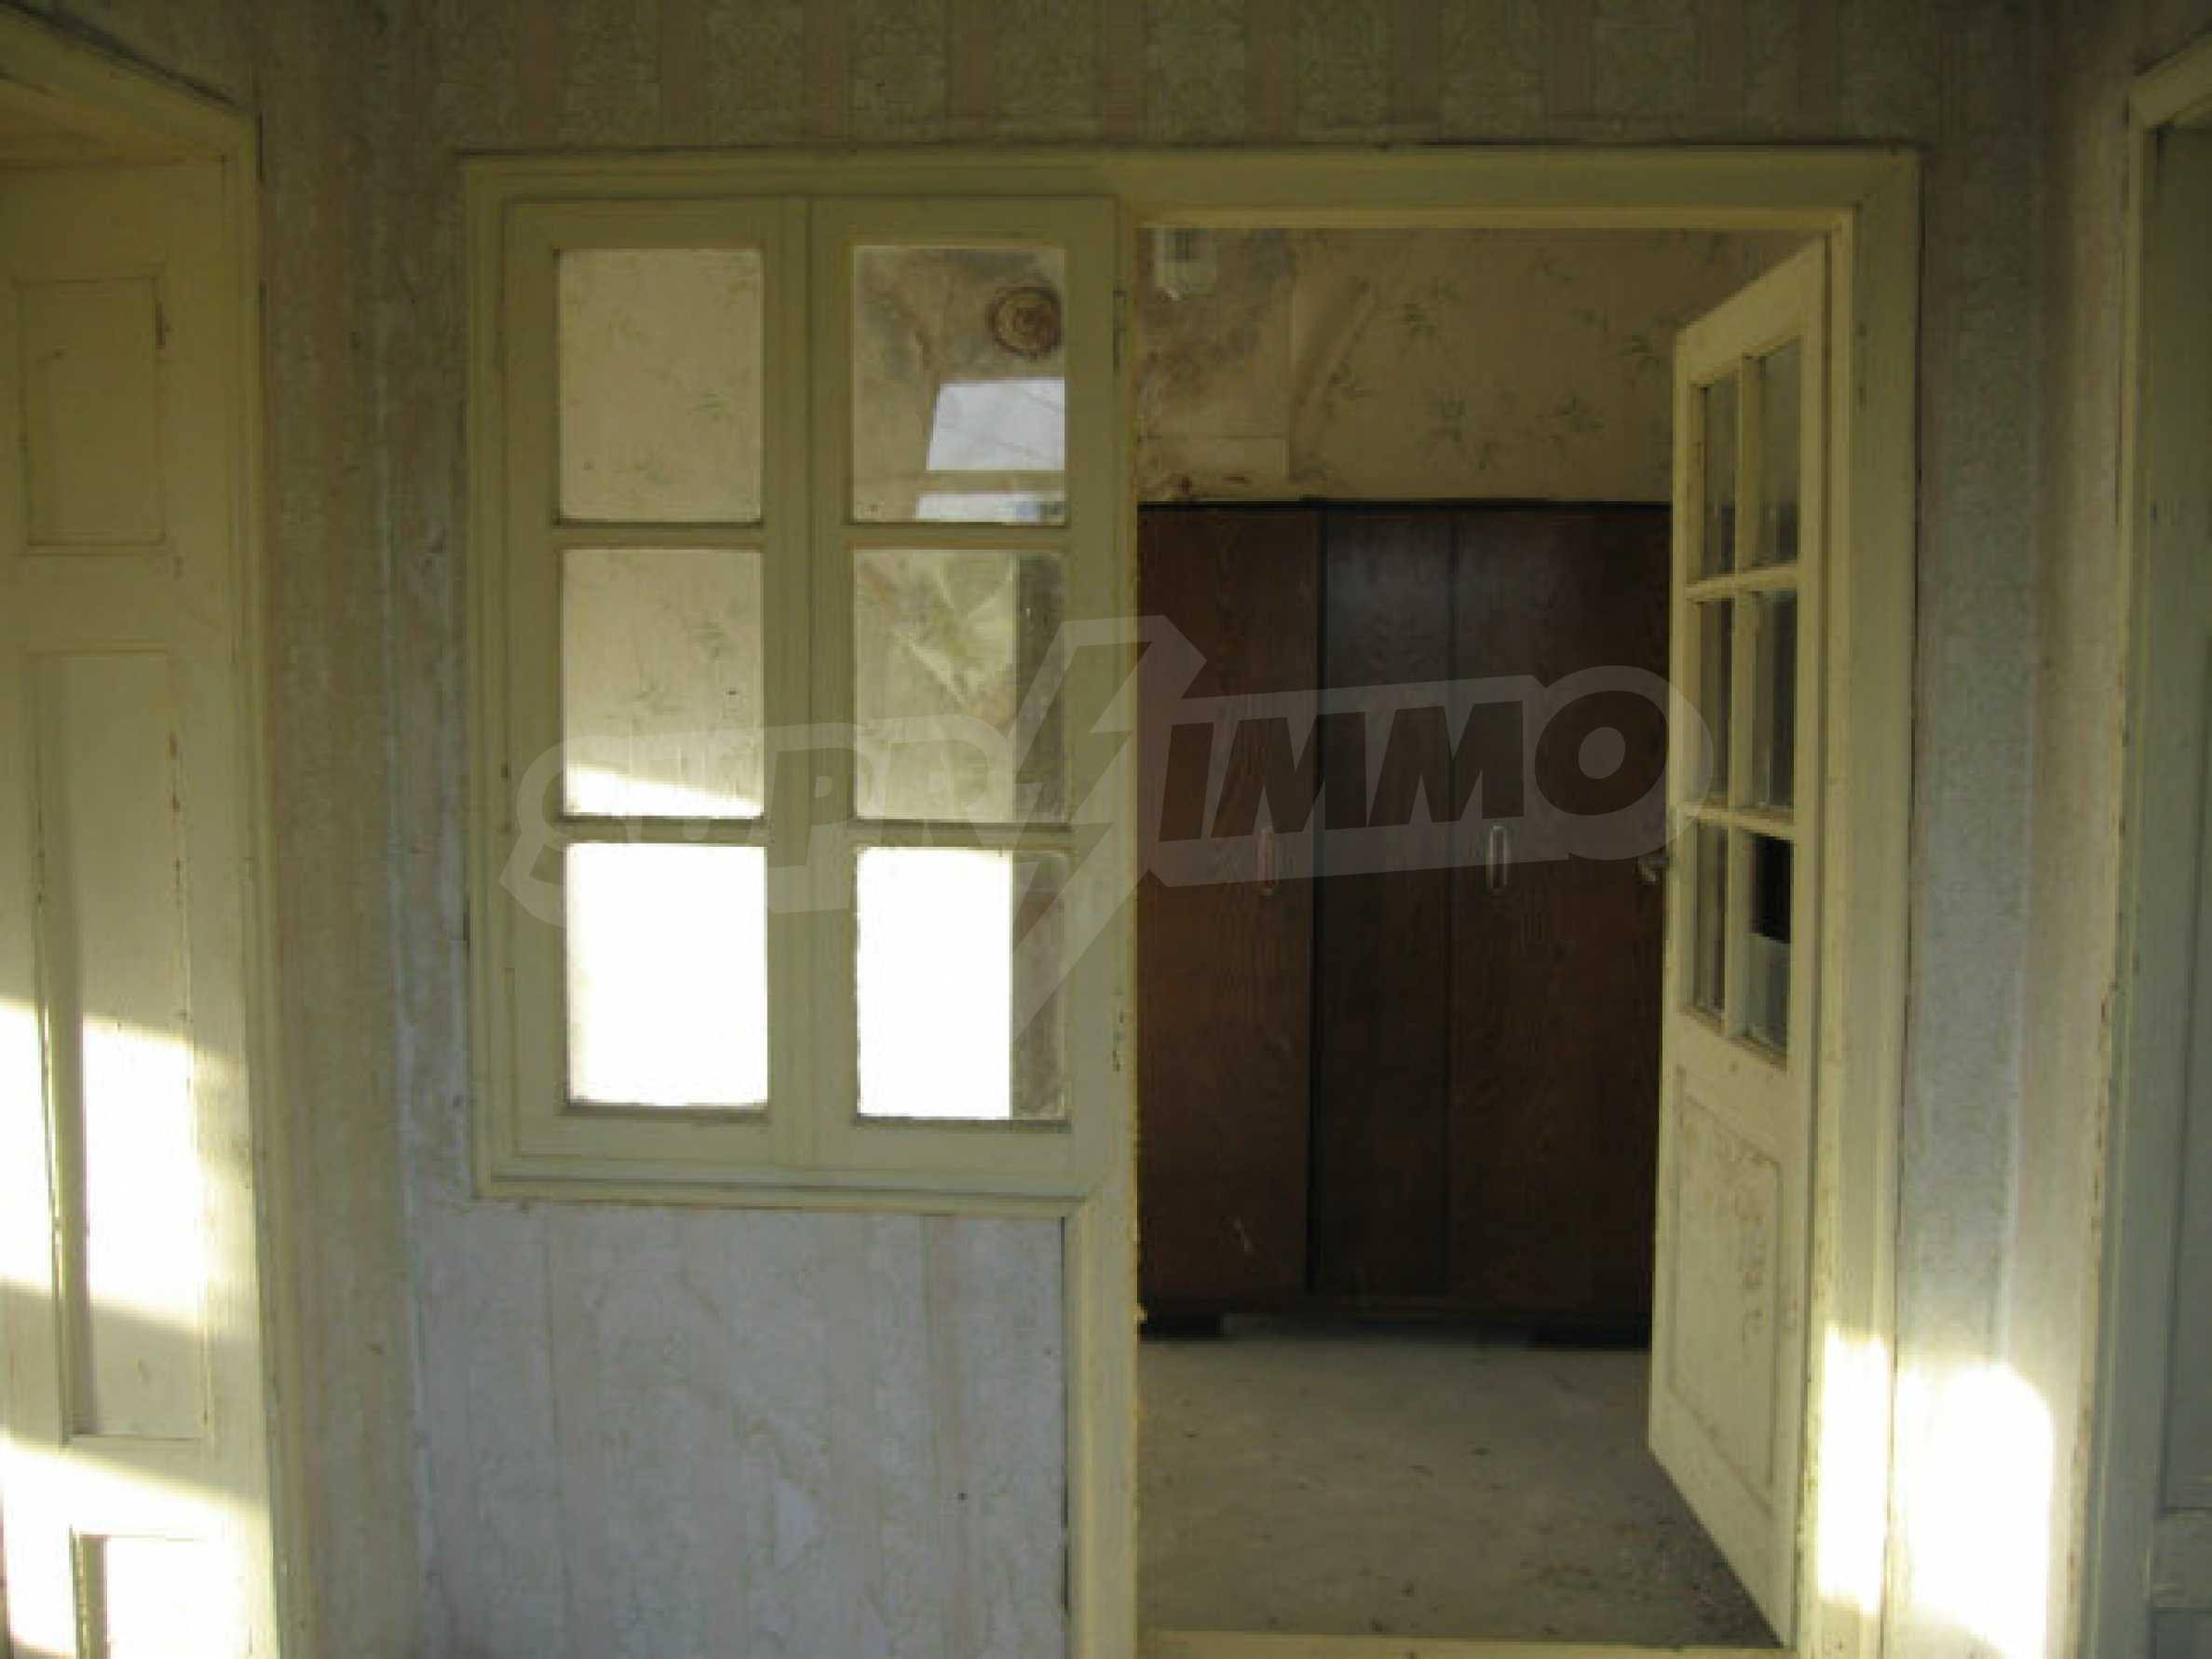 Sonniges zweistöckiges Haus in einem kleinen Dorf in der Nähe der Flüsse Tundzha und Elhovo 8